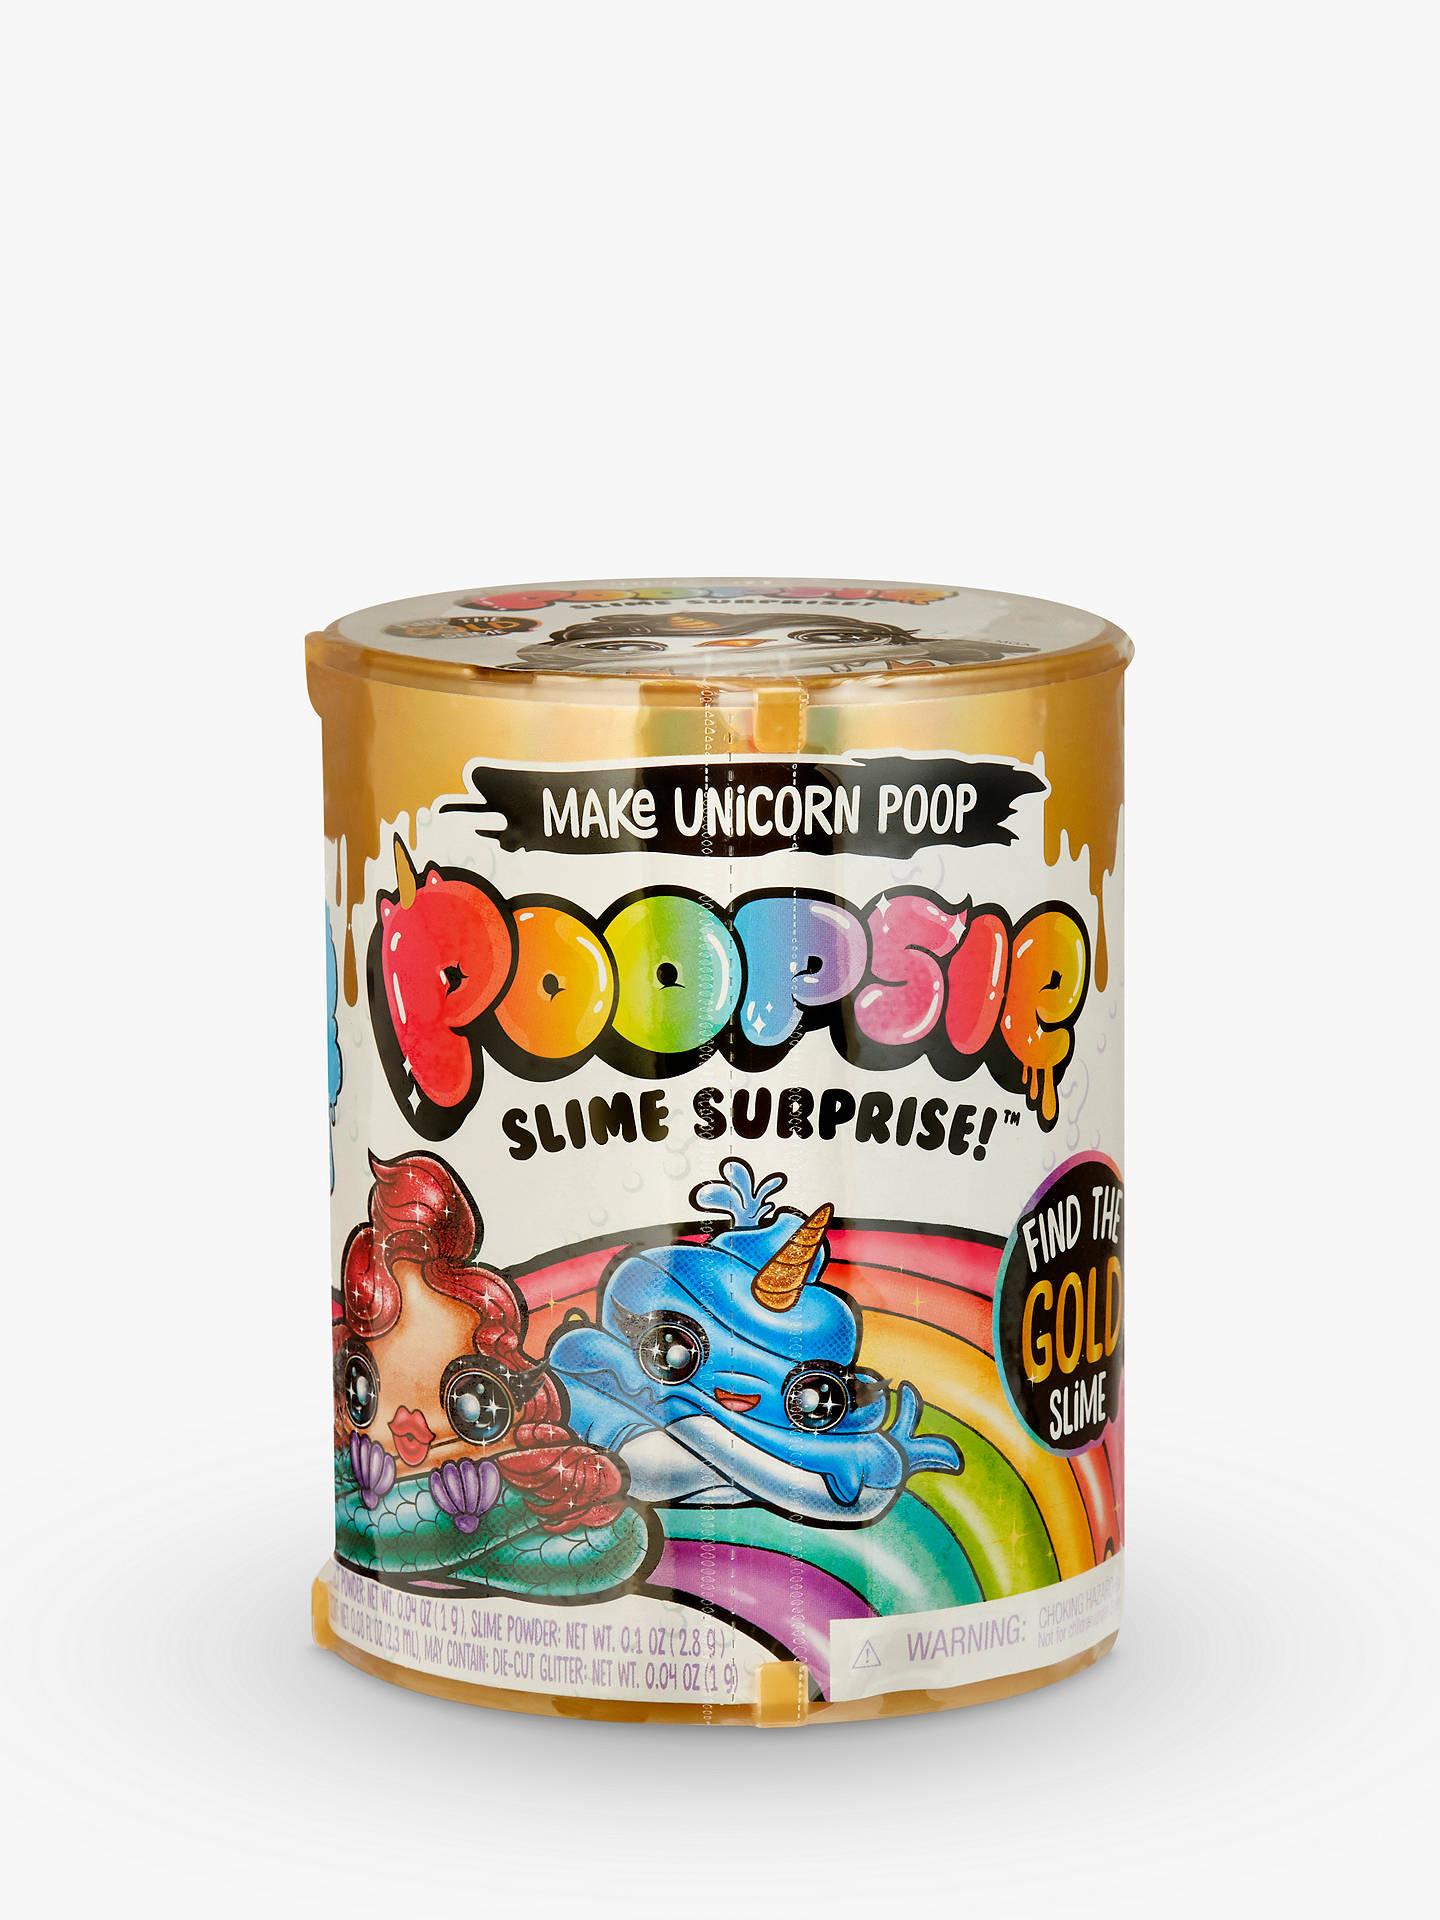 Poopsie Slime Surprise Unicorn Poop Pack, Assorted